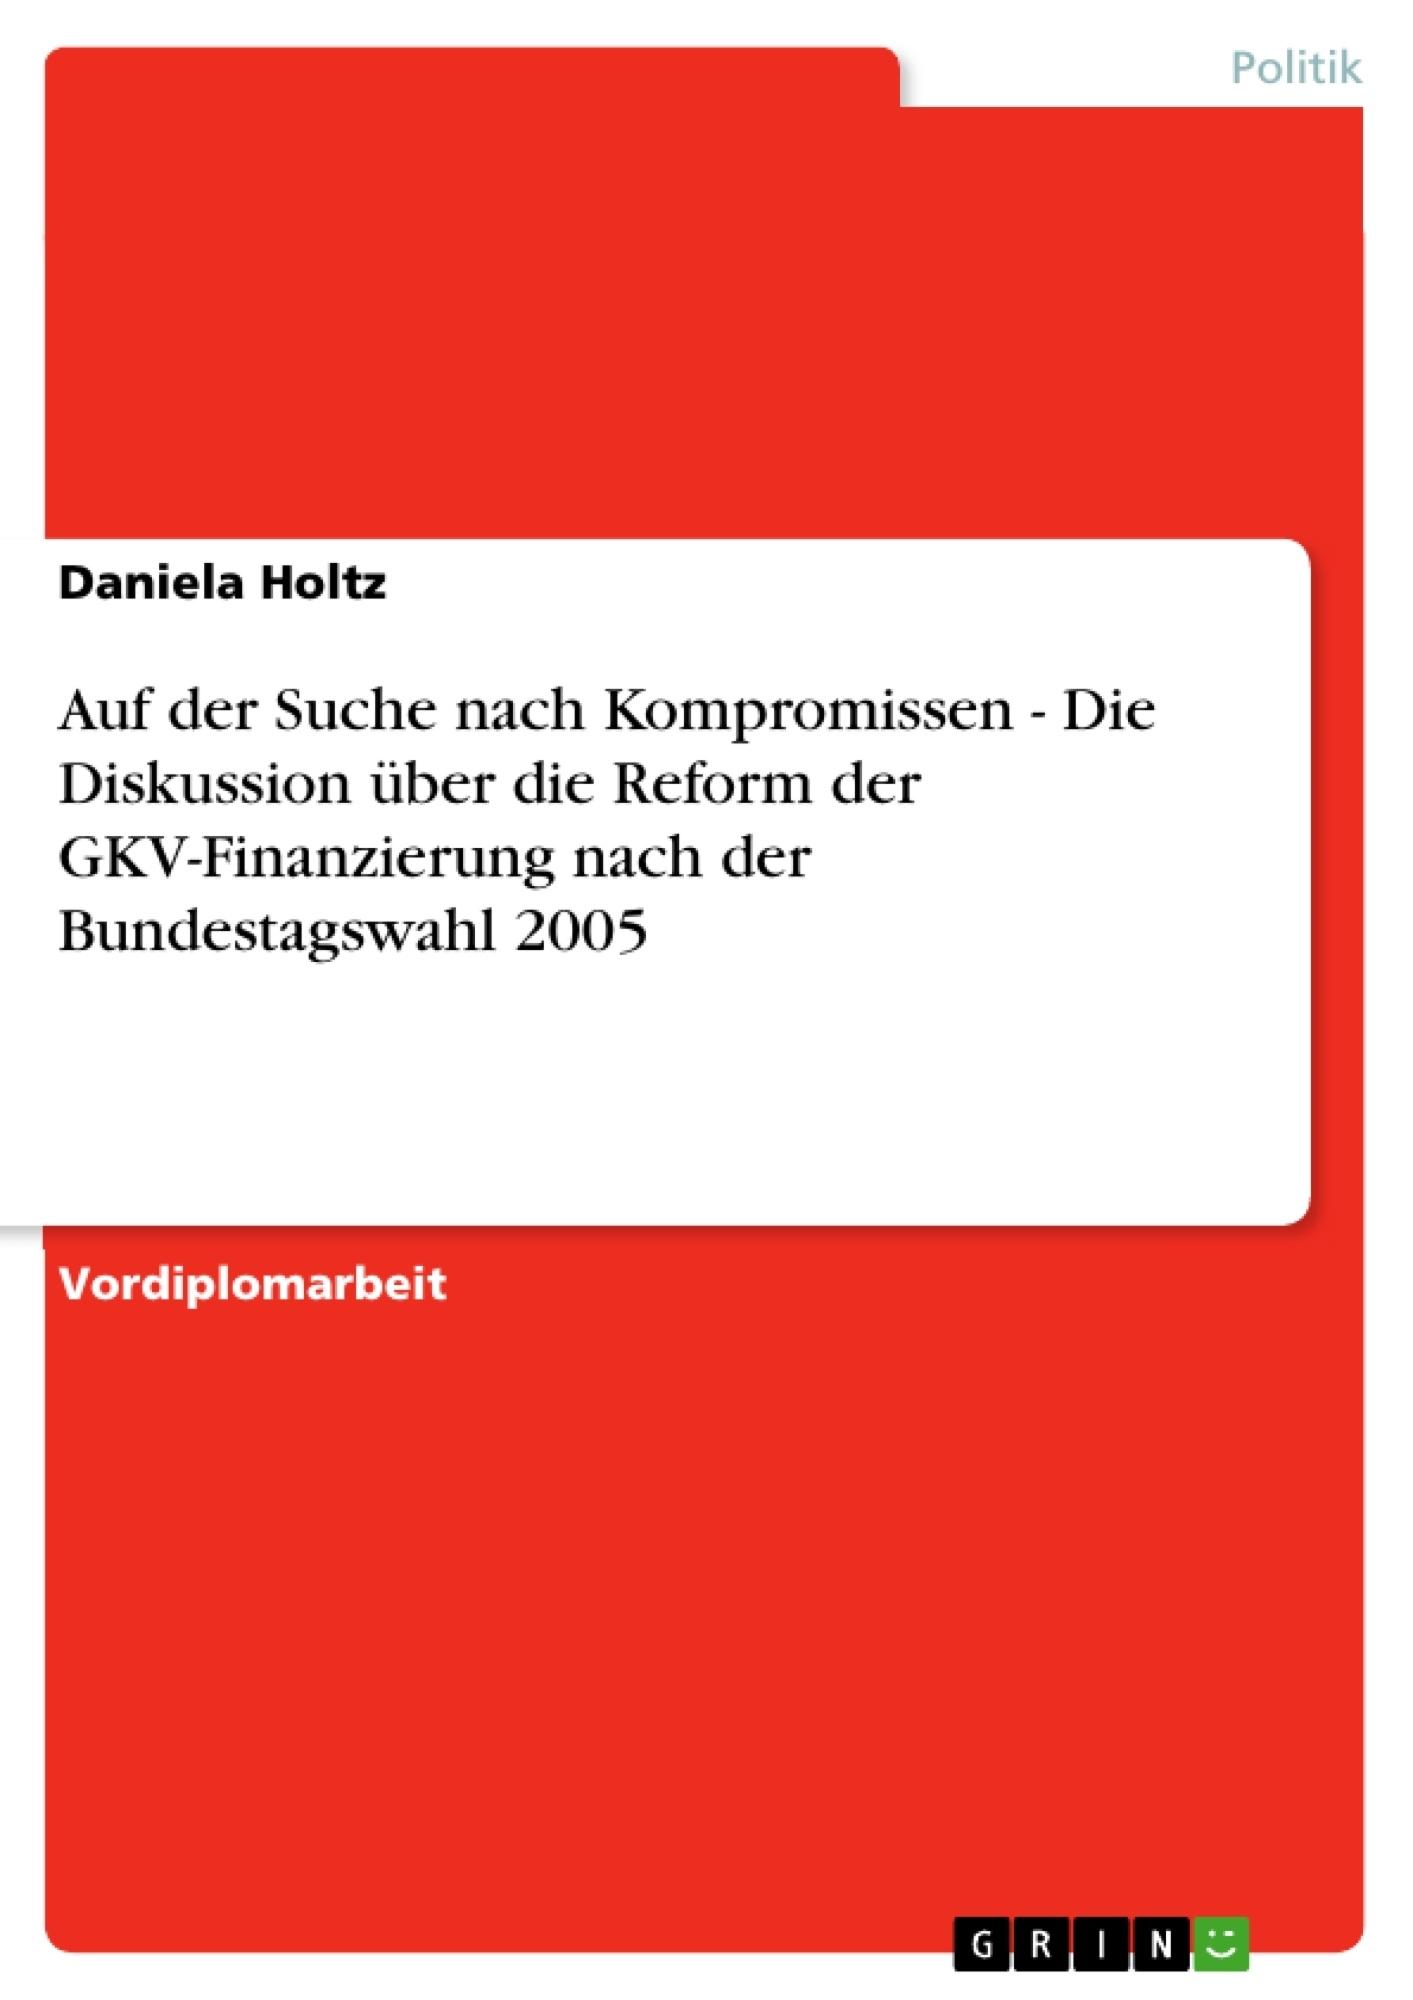 Titel: Auf der Suche nach Kompromissen - Die Diskussion über die Reform der GKV-Finanzierung nach der Bundestagswahl 2005